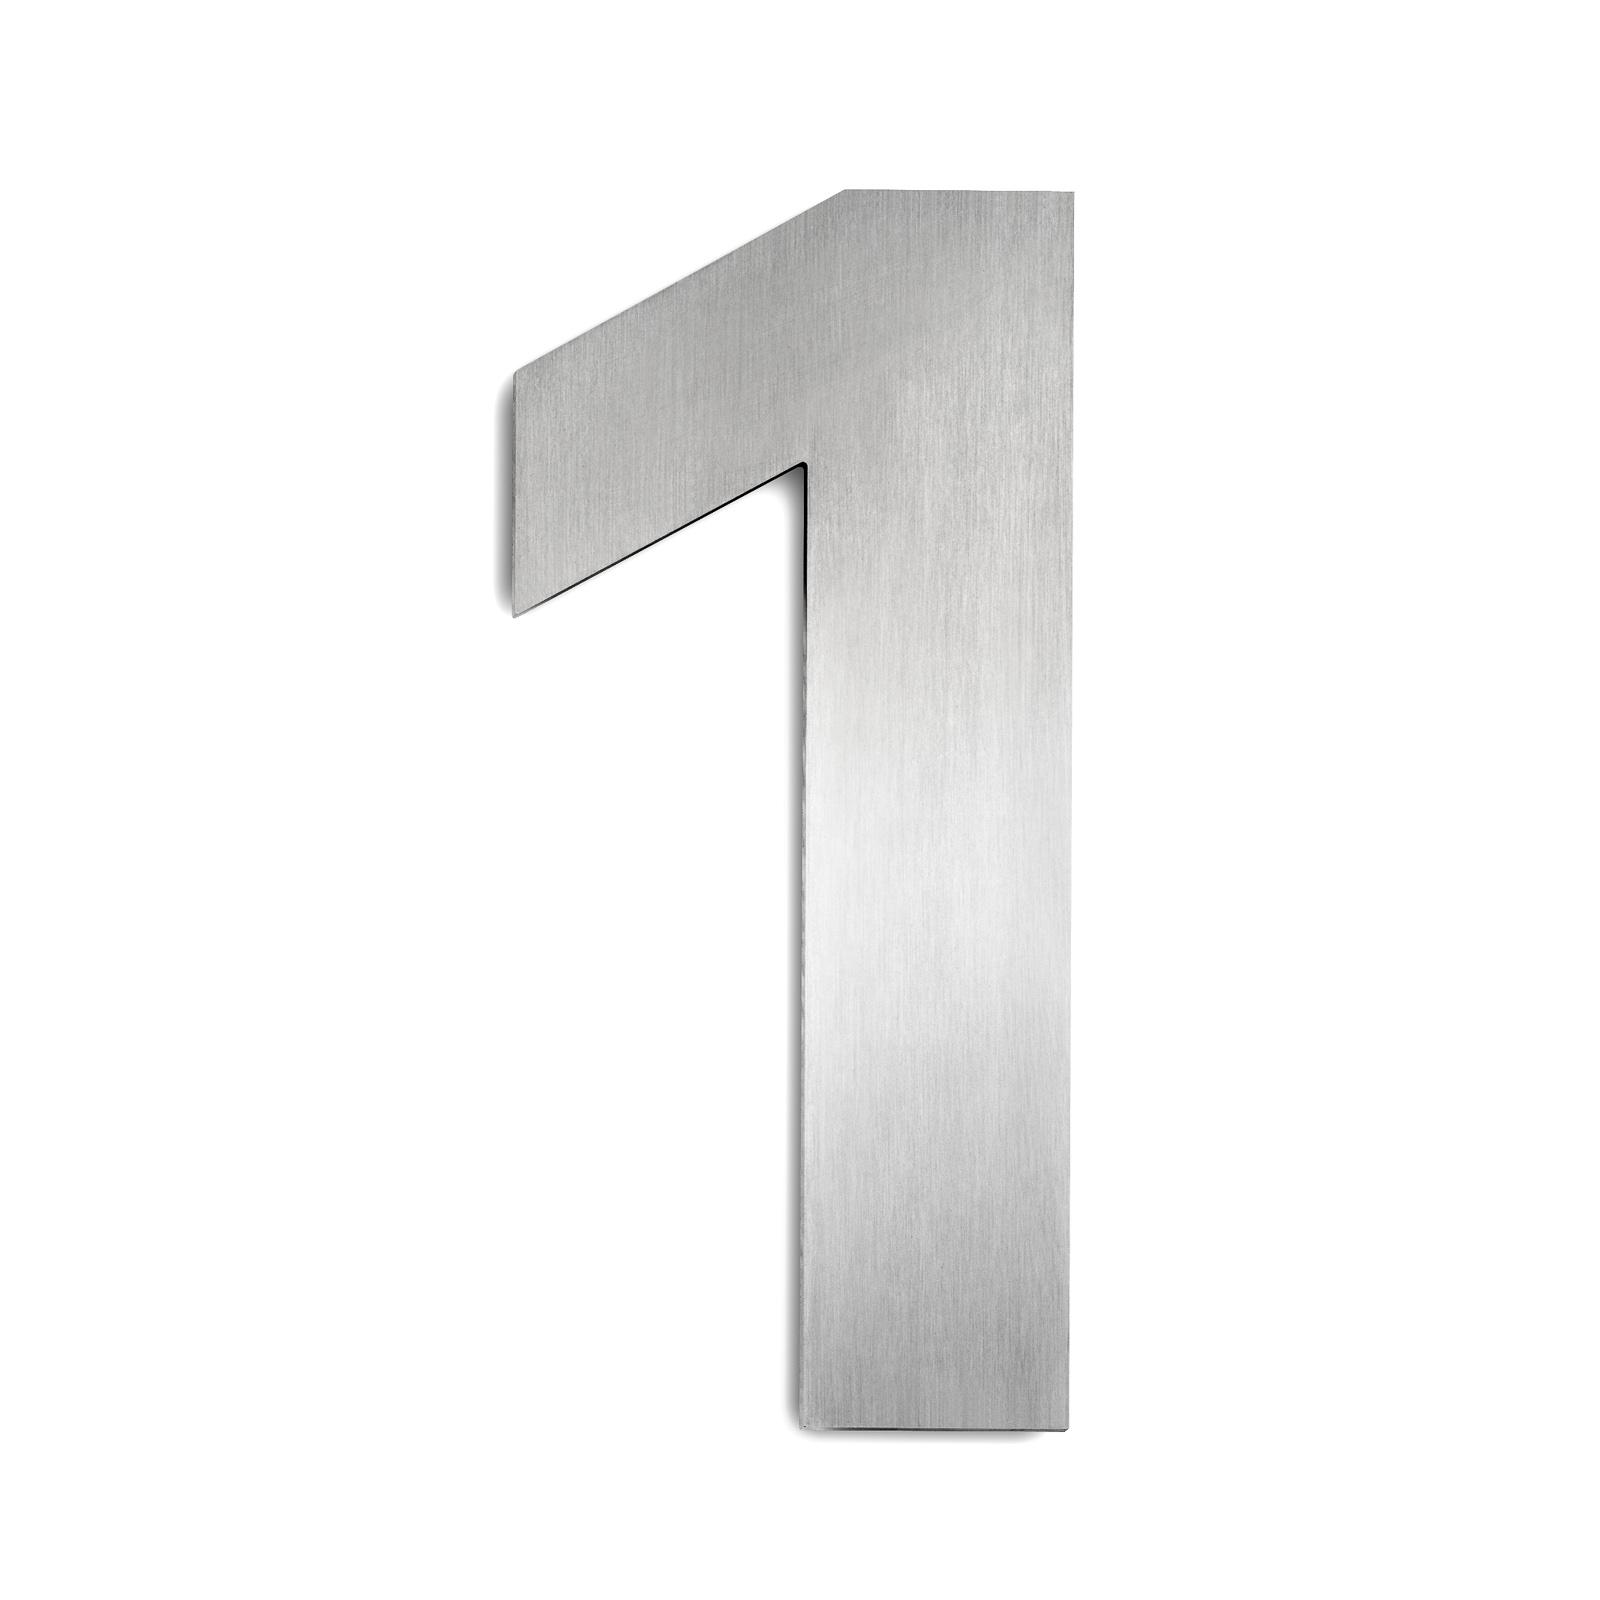 Číslo domu z nehrdzavejúcej ocele, veľké_2011156_1